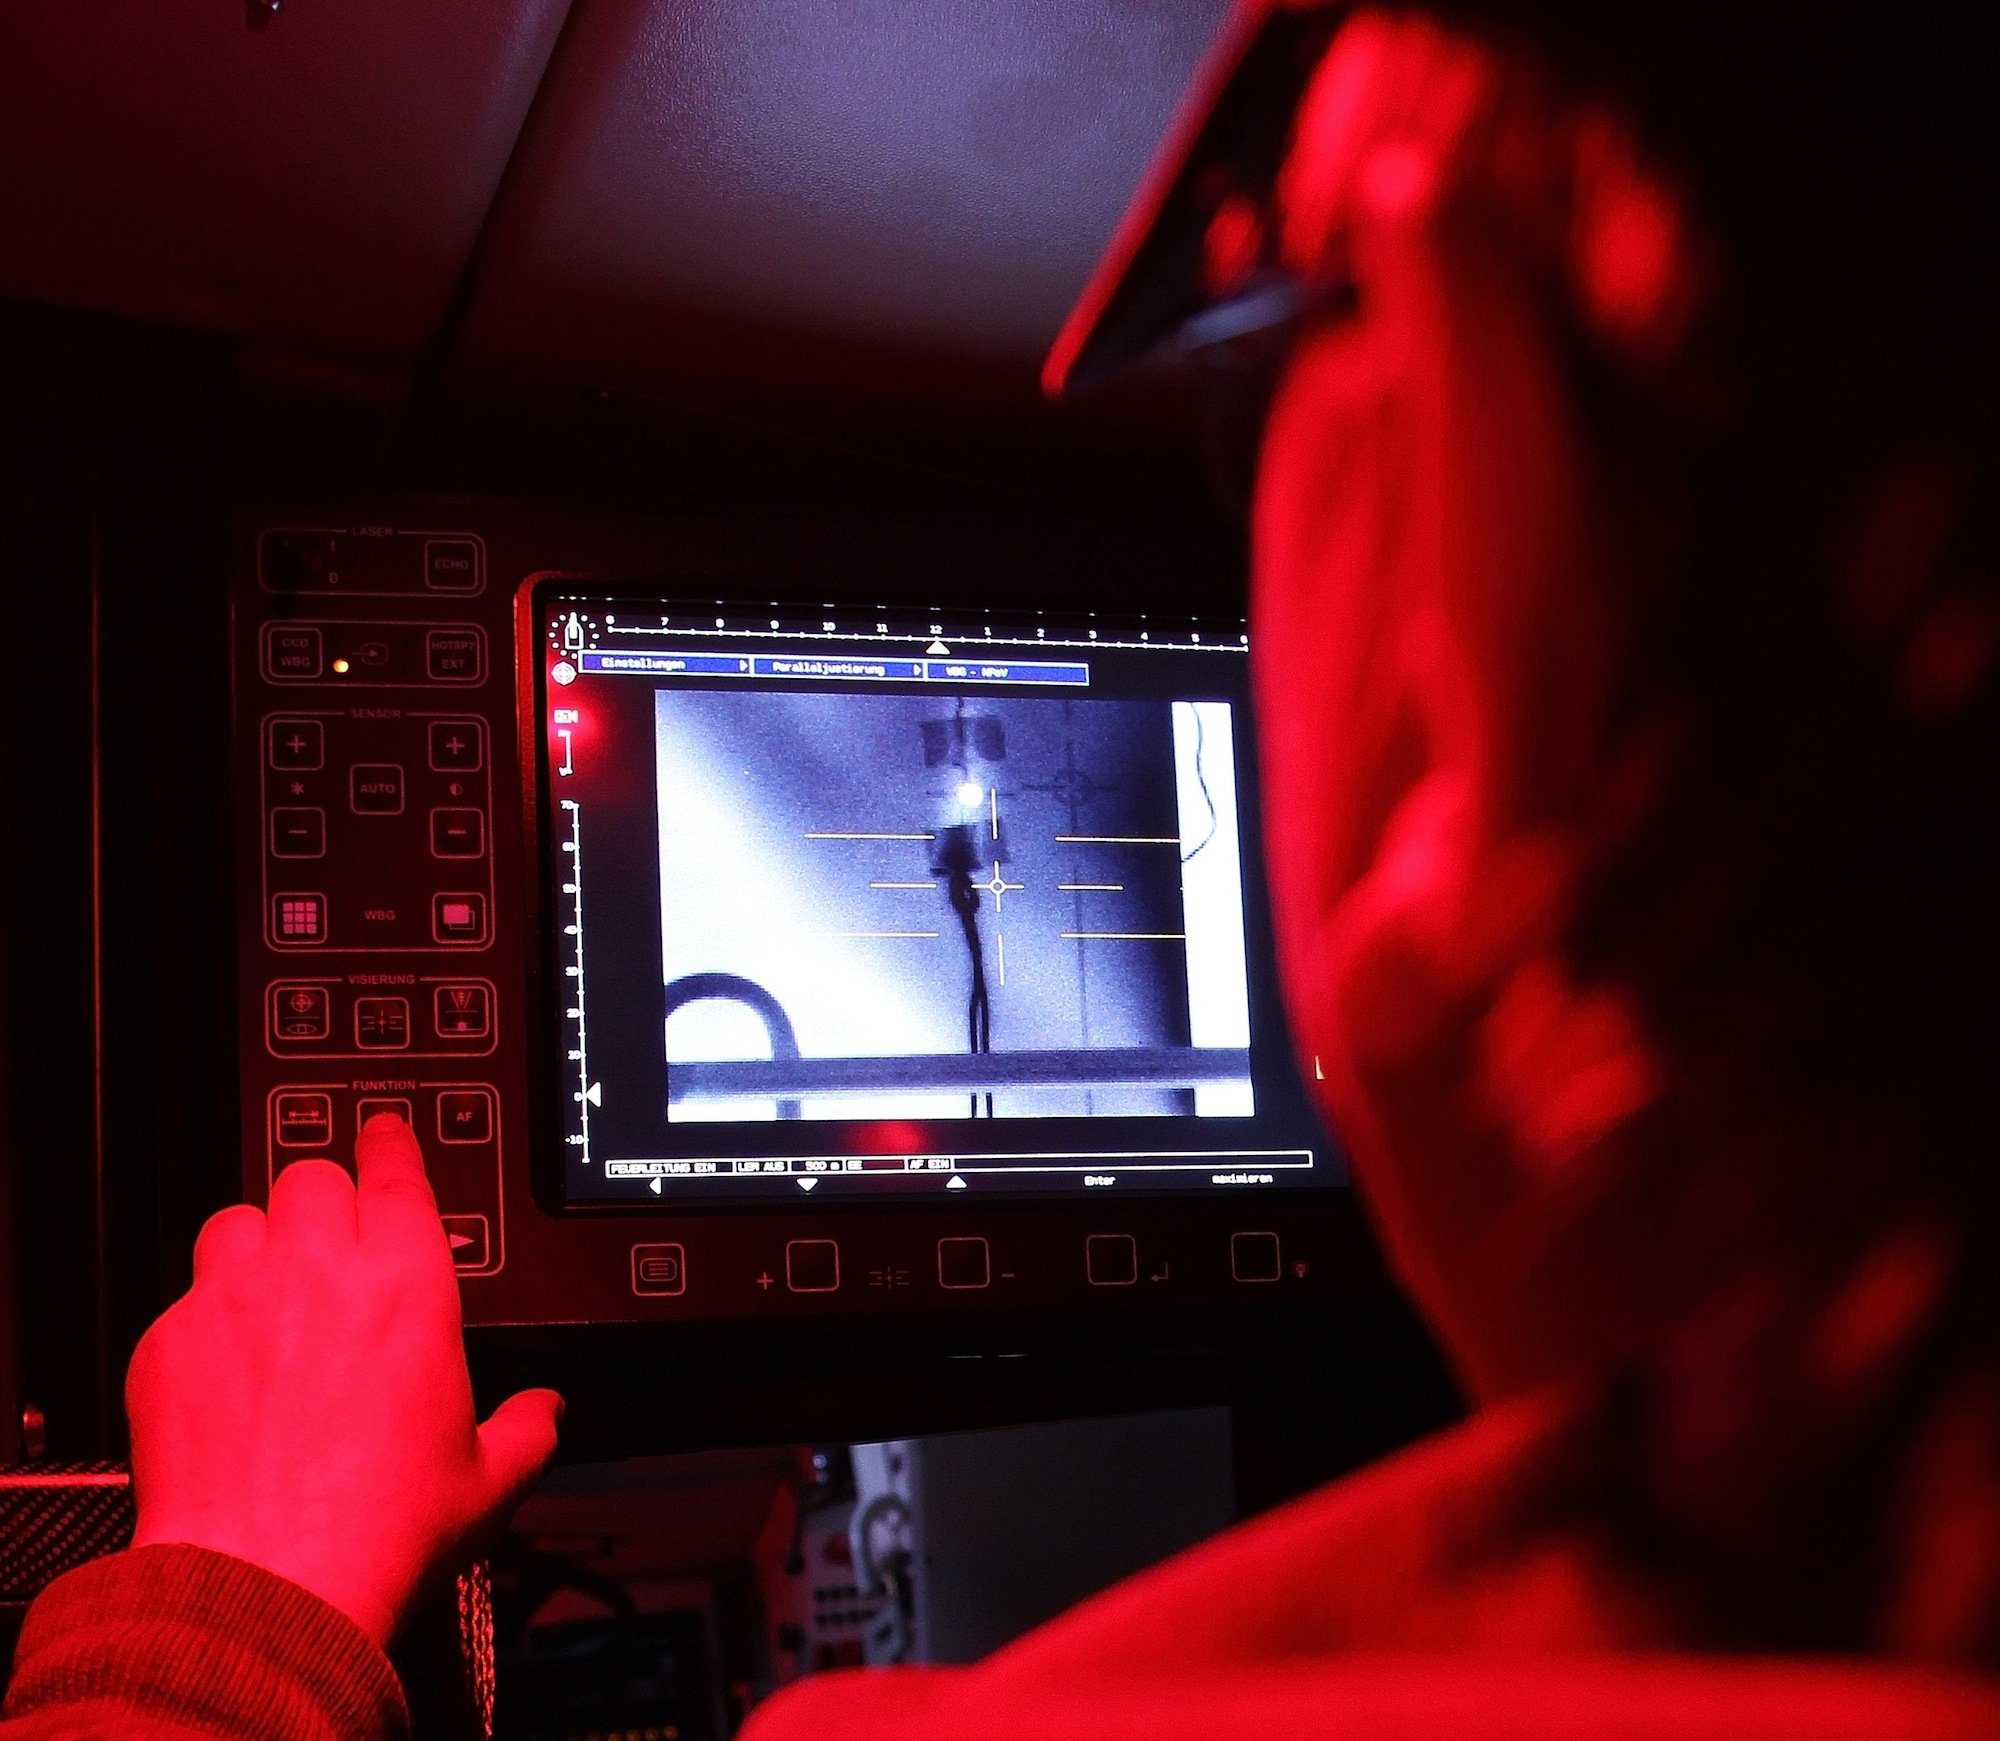 Computeranlage in einem gepanzerten Transportfahrzeug der Bundeswehr: Die neue IT-Armee soll bei einem Auslandseinsatz auch in der Lage sein, das Internet zu überwachen und die Kommunikationskanäle des Gegners zu stören.